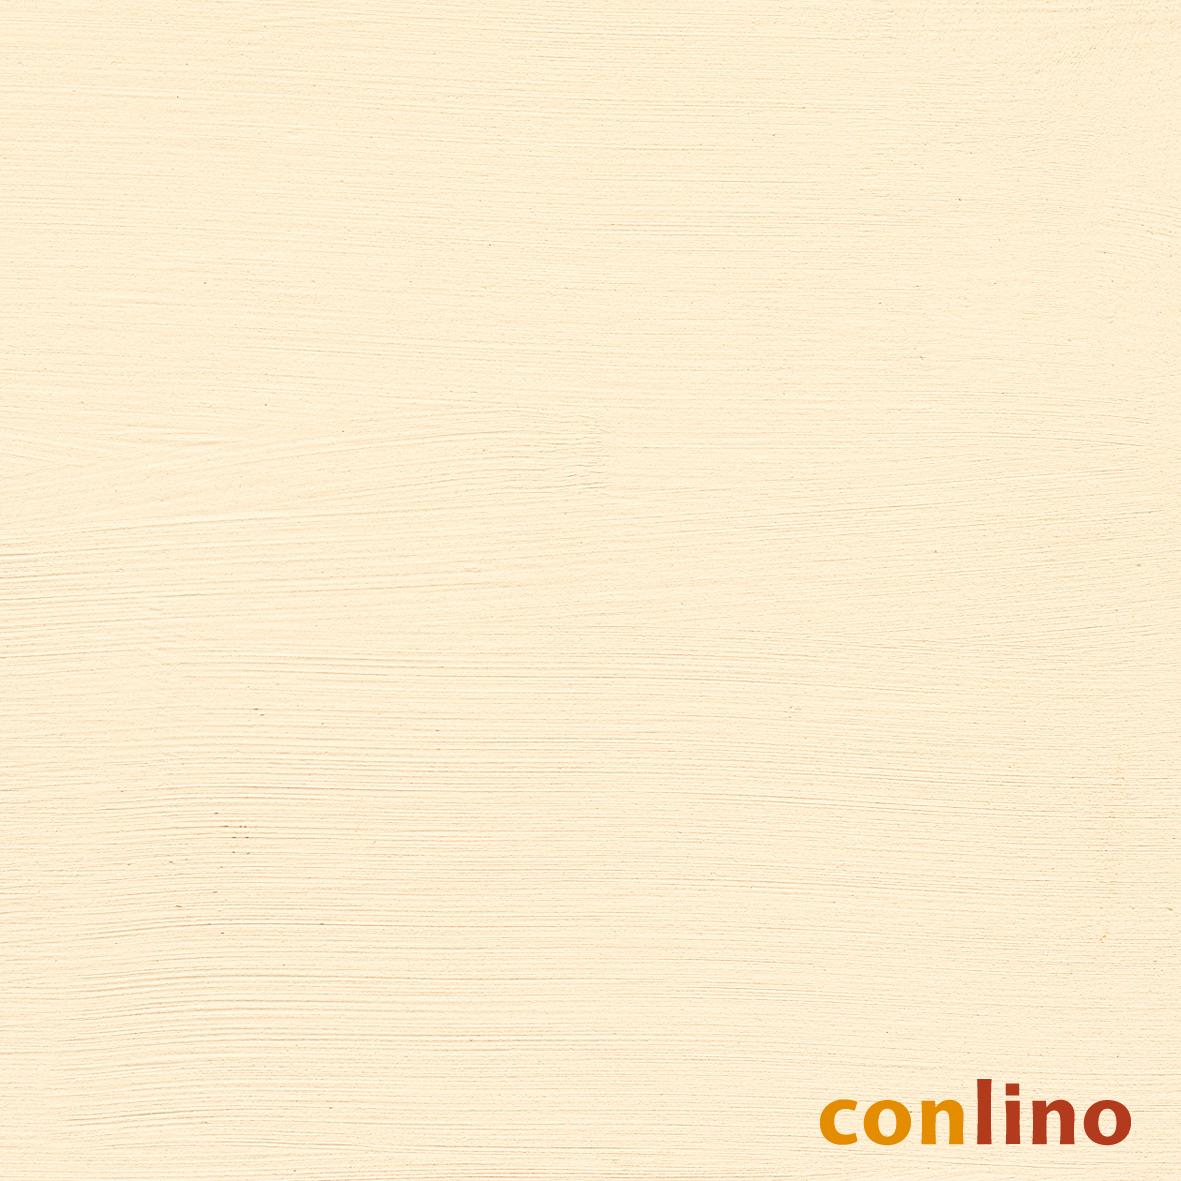 conlino Lehmfarbe Sandstein CL 108